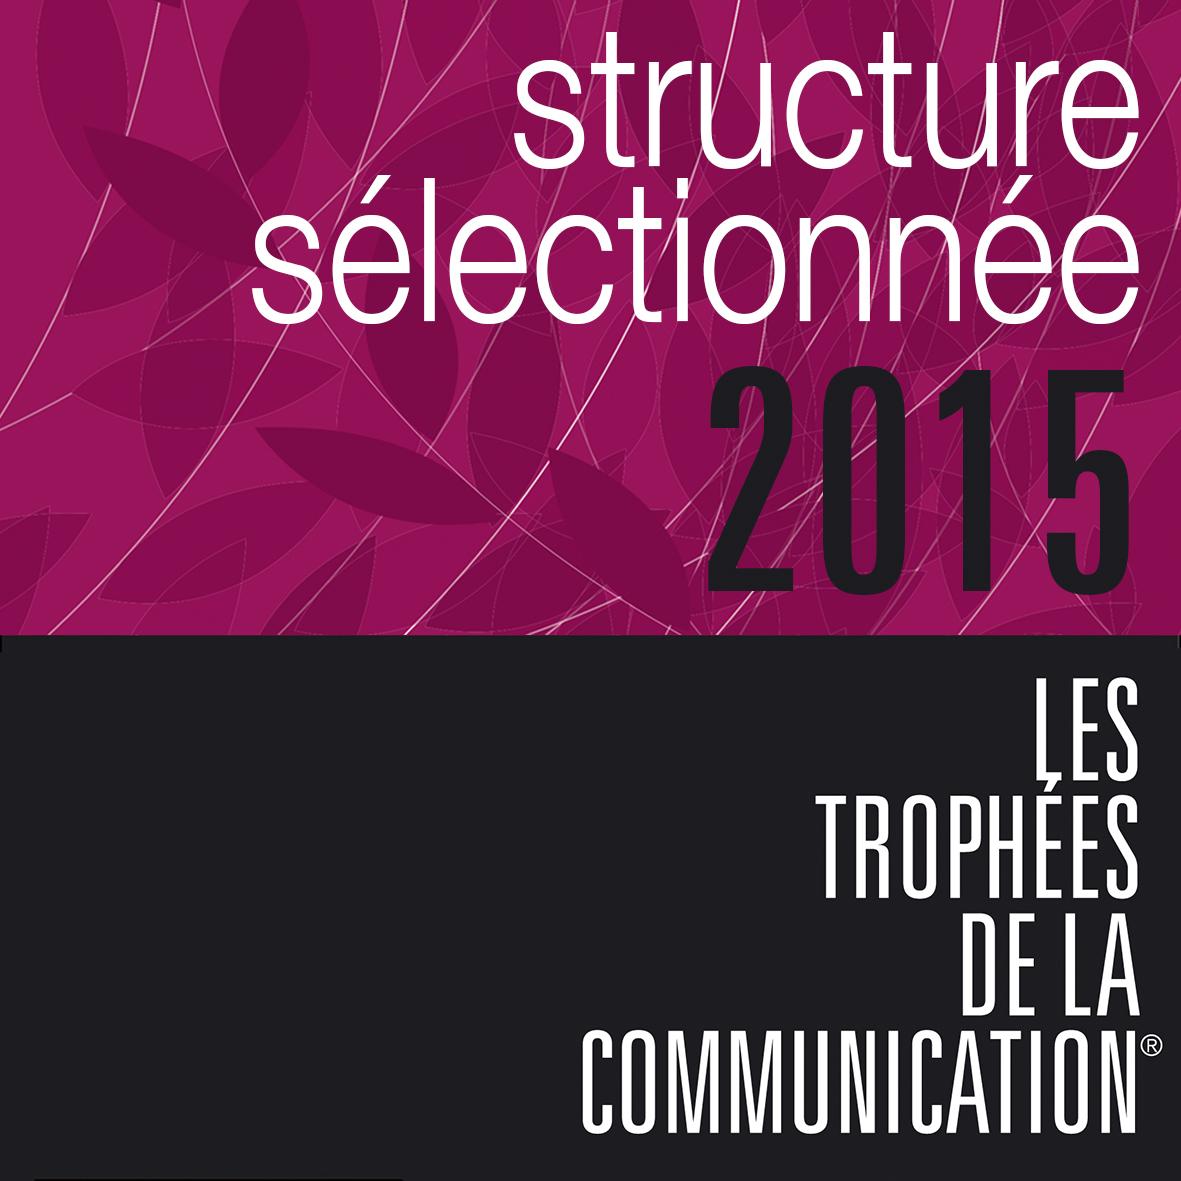 SWiTCH est sélectionnée aux Trophées de la Communication 2015